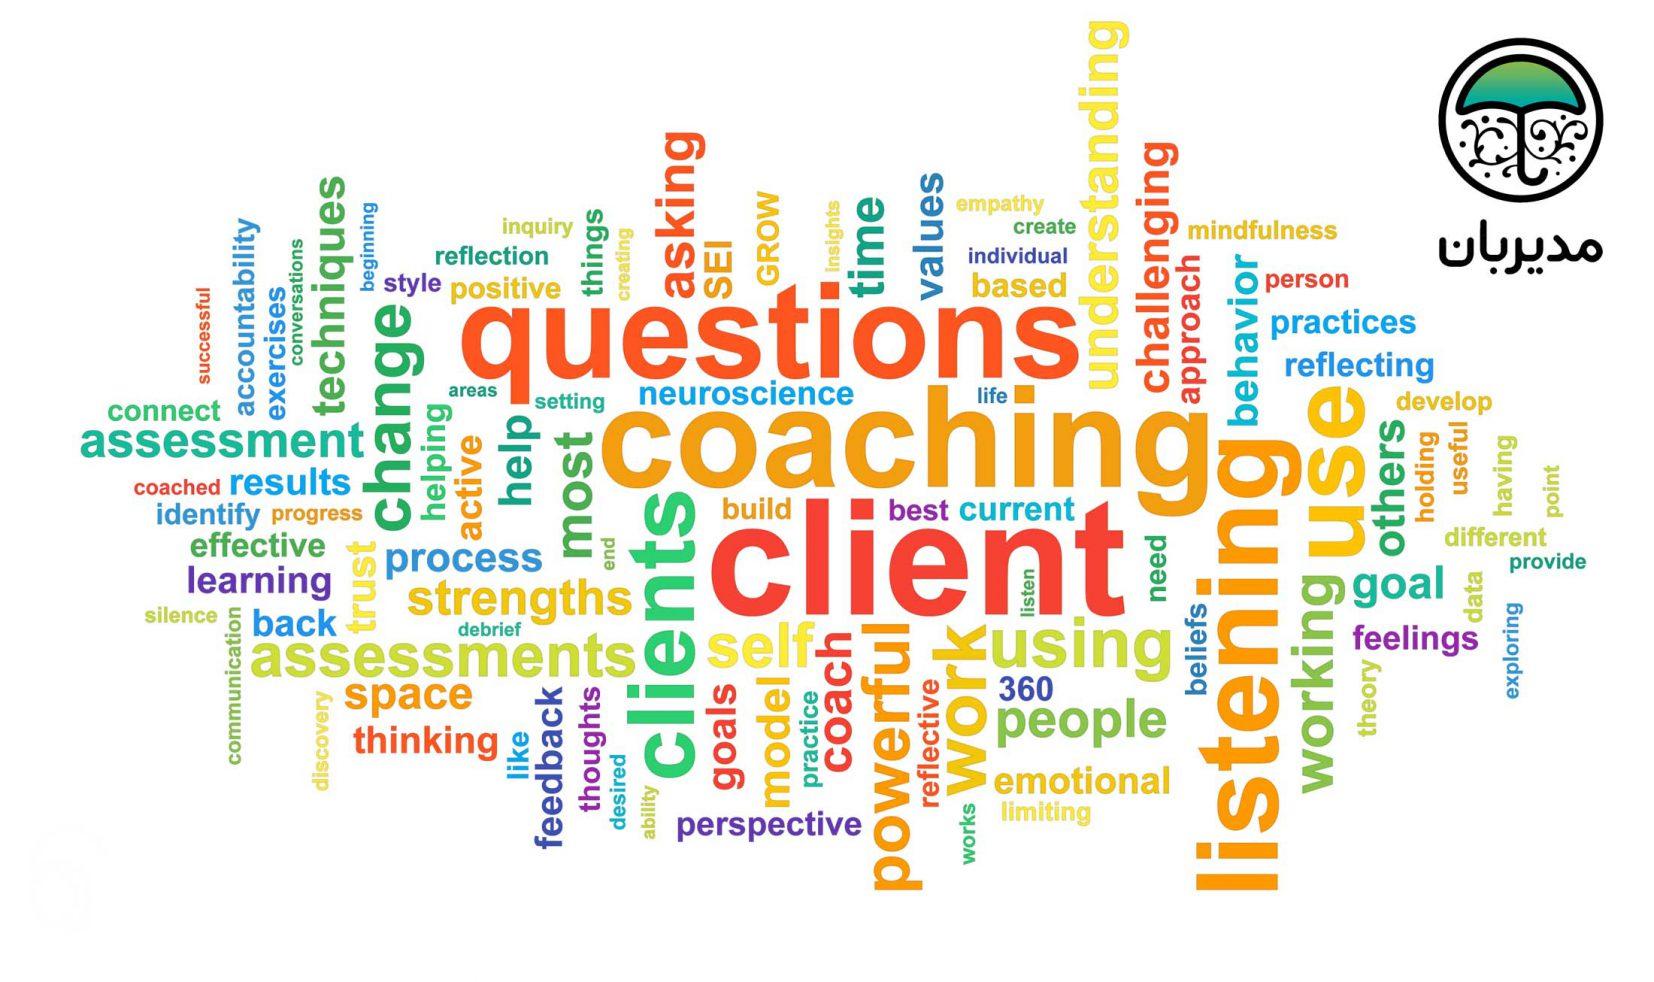 مربیگری کسبوکار چیست؟